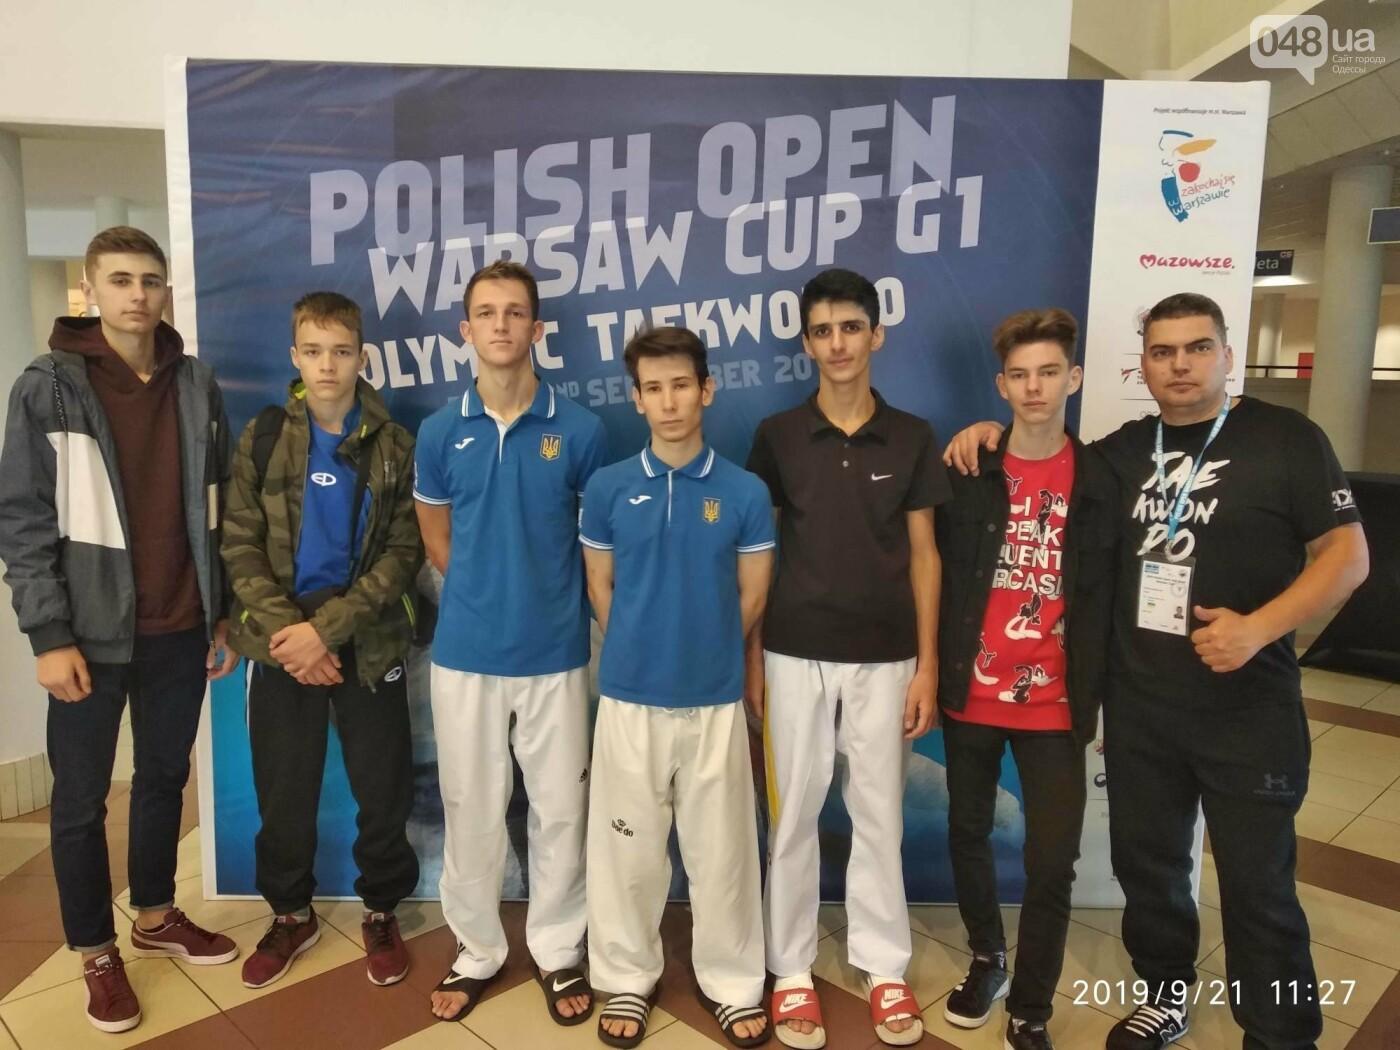 Одесситы на международном турнире по тхэквандо ВТ в Варшаве